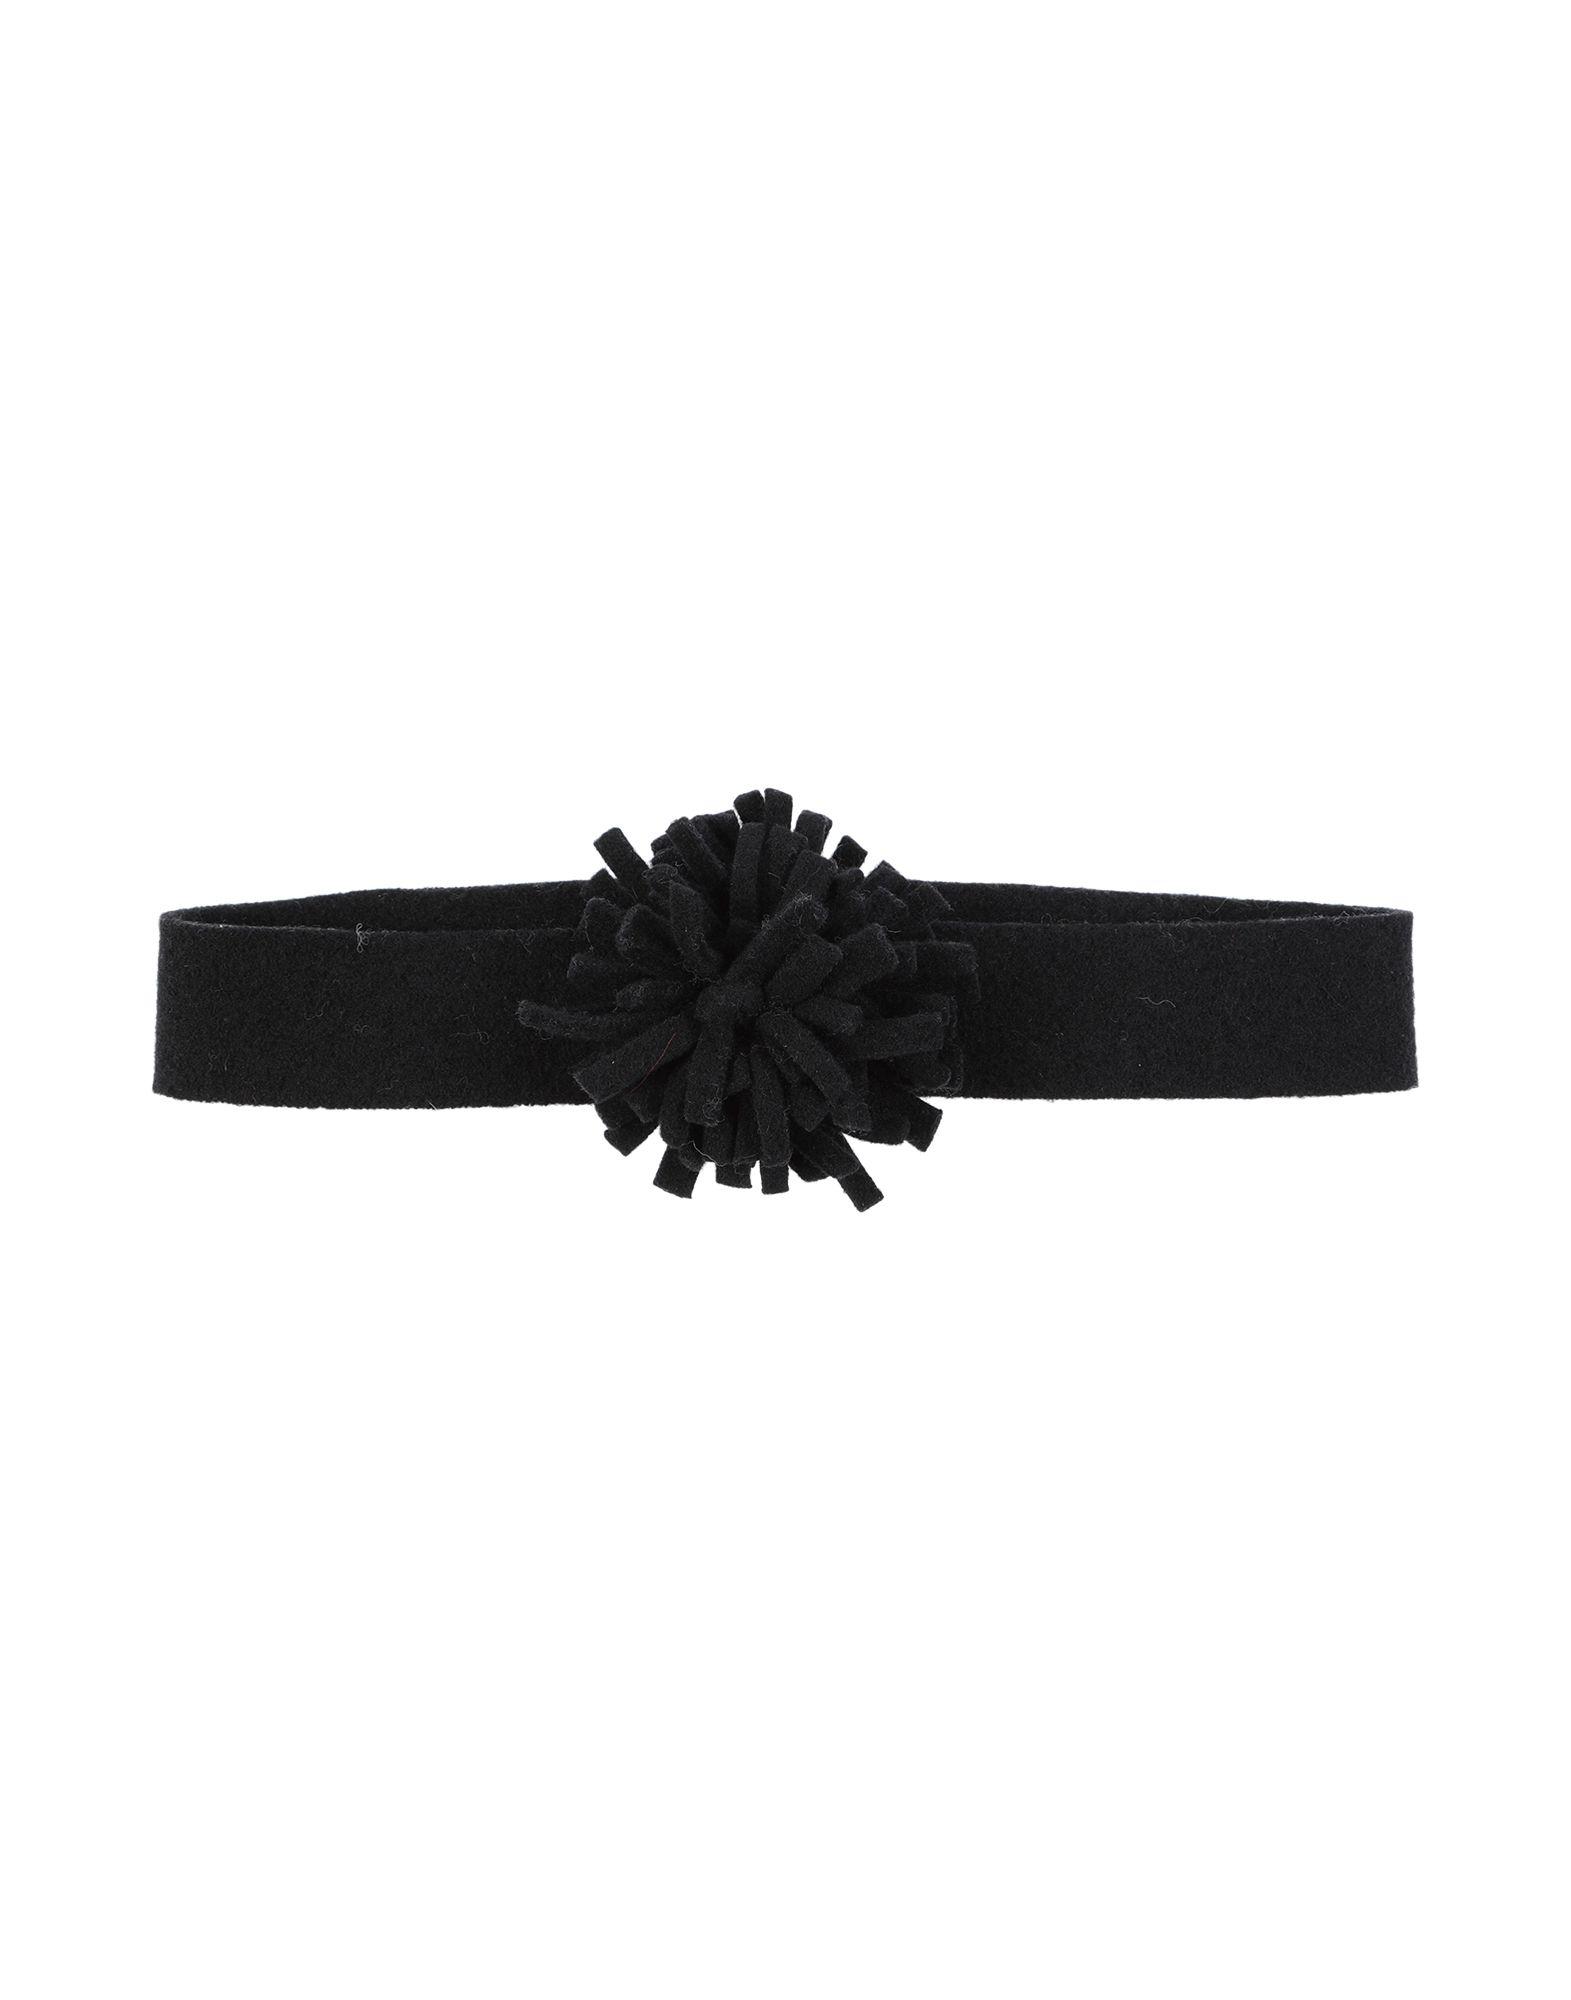 《送料無料》SCHA レディース ヘアアクセサリー ブラック 紡績繊維